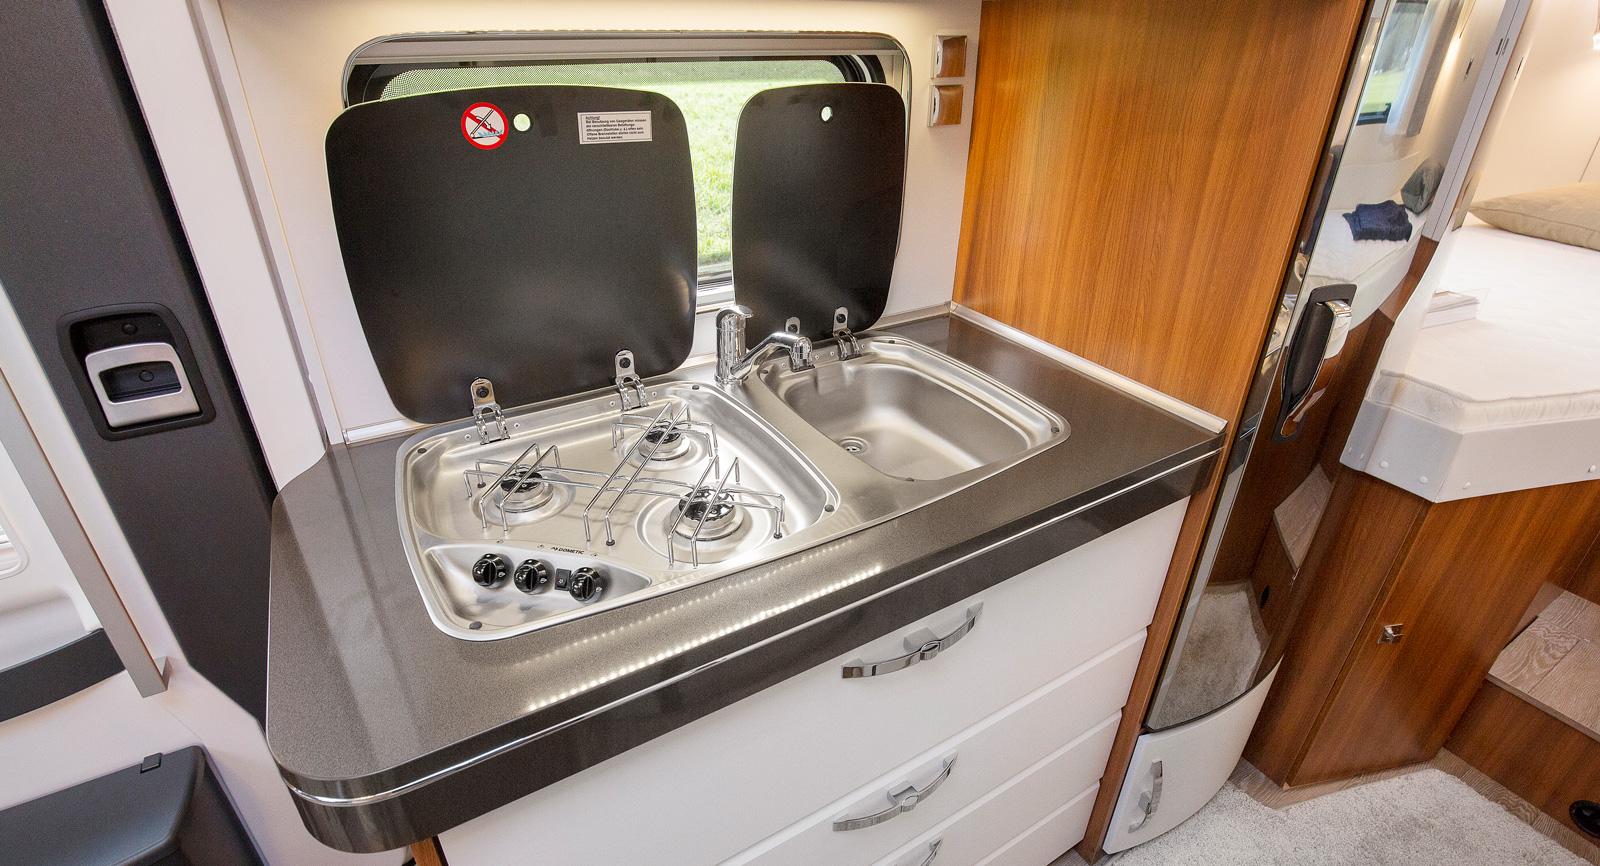 Spis och diskho i en gemensam modul som tar upp större delen av bänkytan, under finns fyra stora lådor.